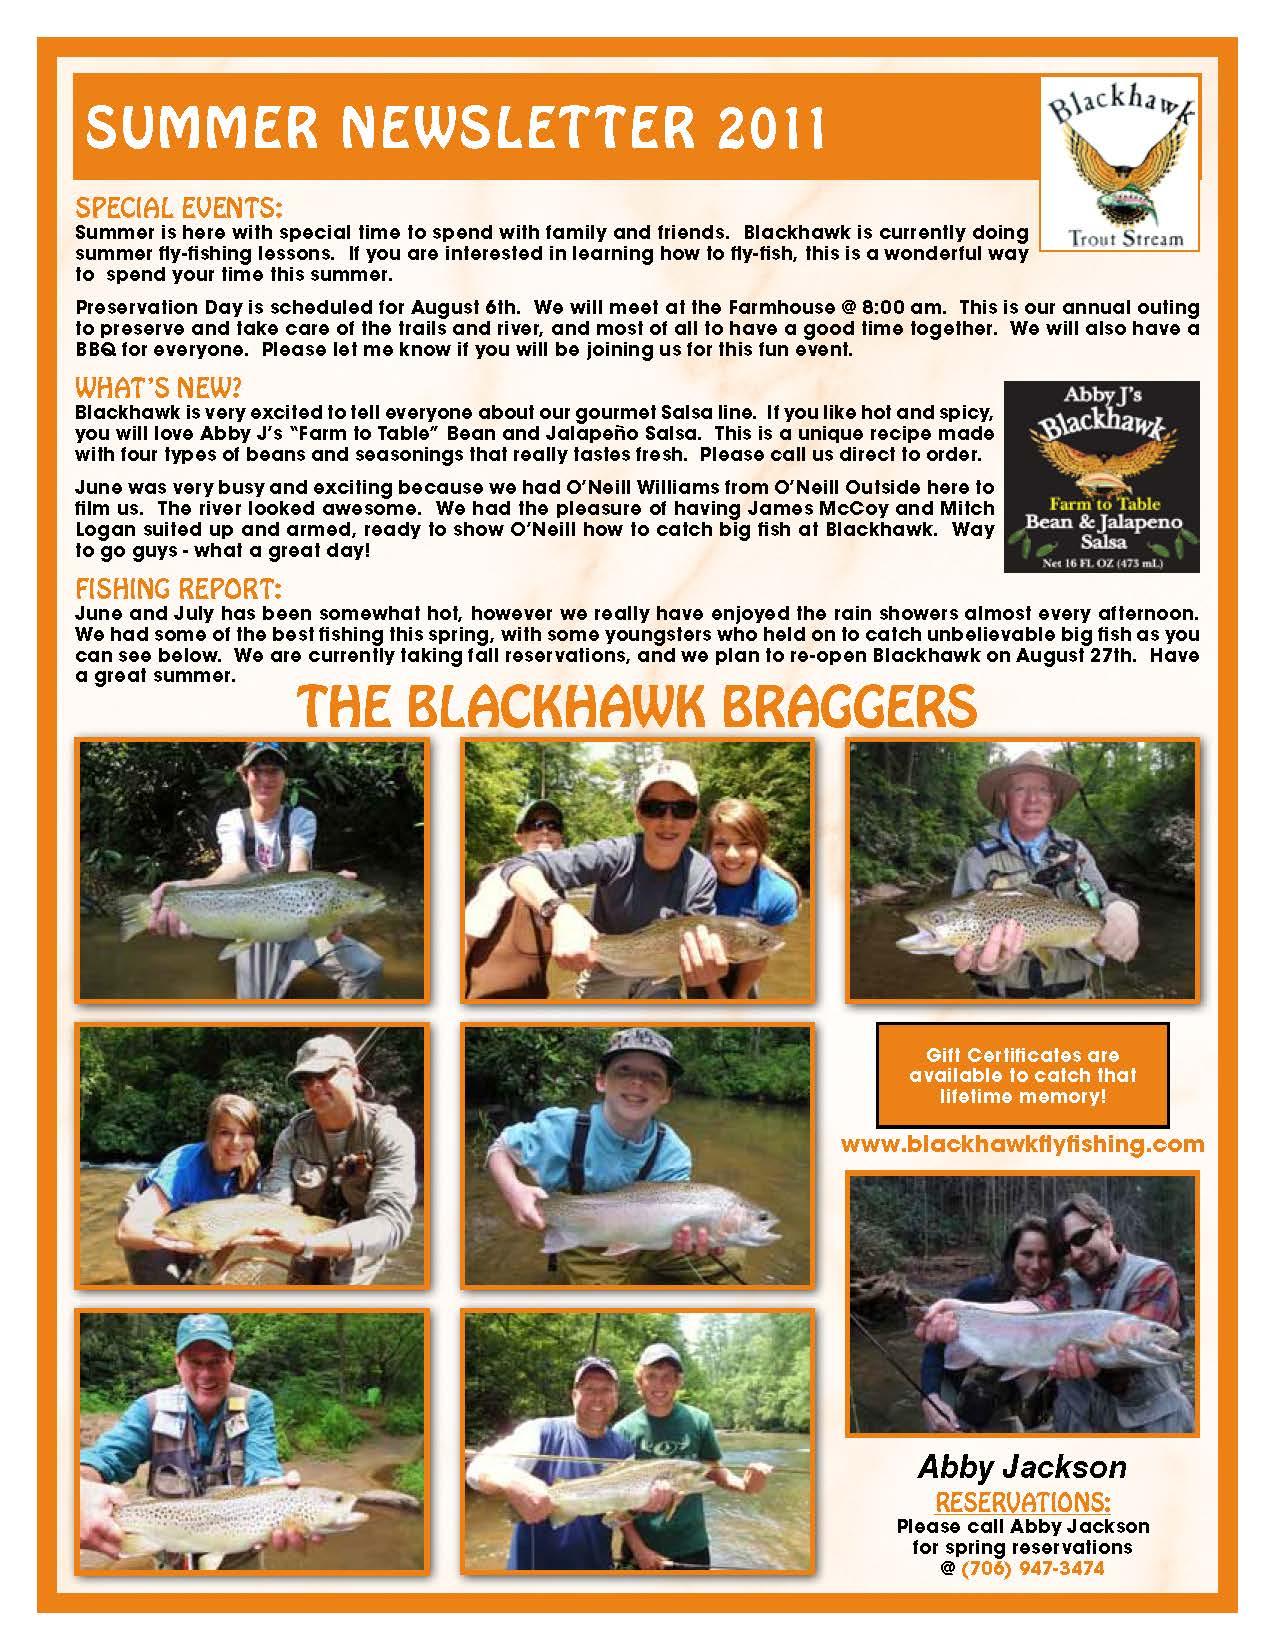 The Summer 2011 Newsletter